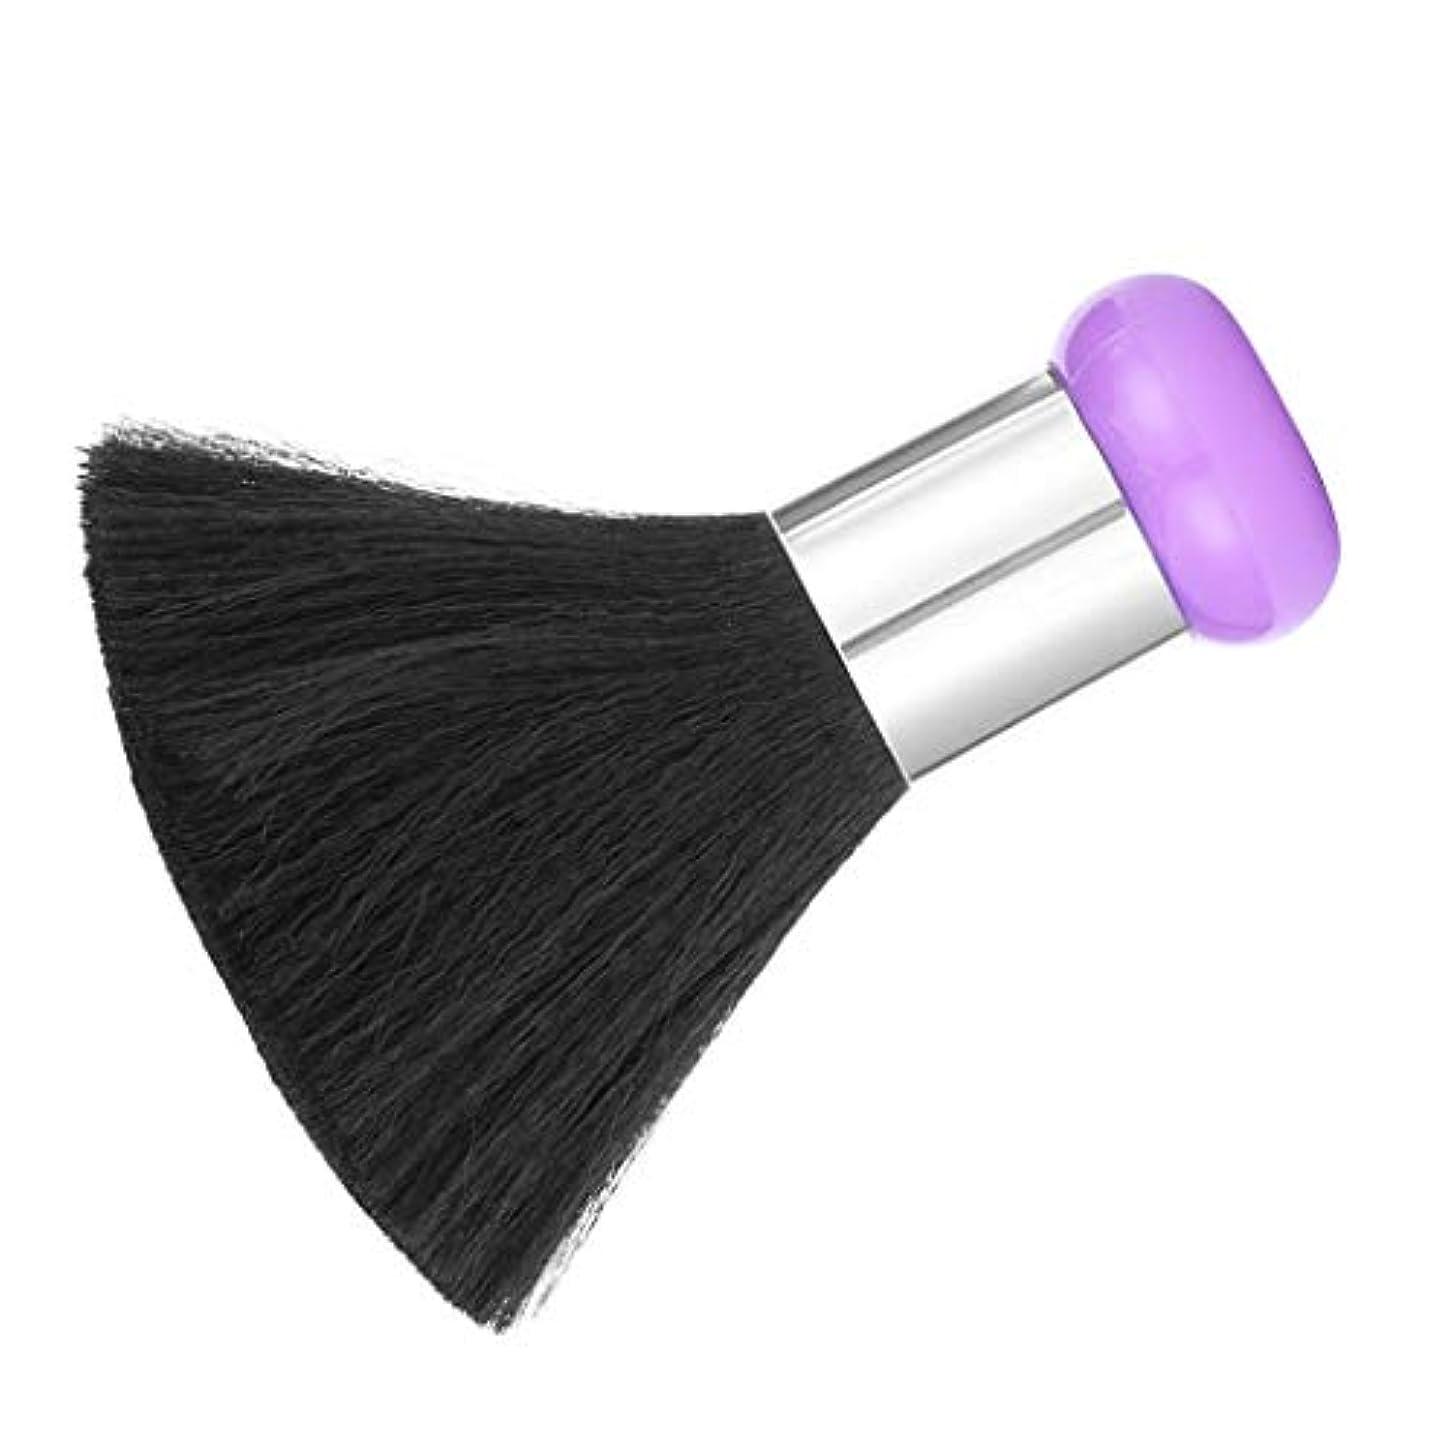 延ばす学校の先生ジョリーT TOOYFUL ヘアカットヘアカットブラシネックダスタークリーニングヘアブラシサロンバーバーツール - 紫